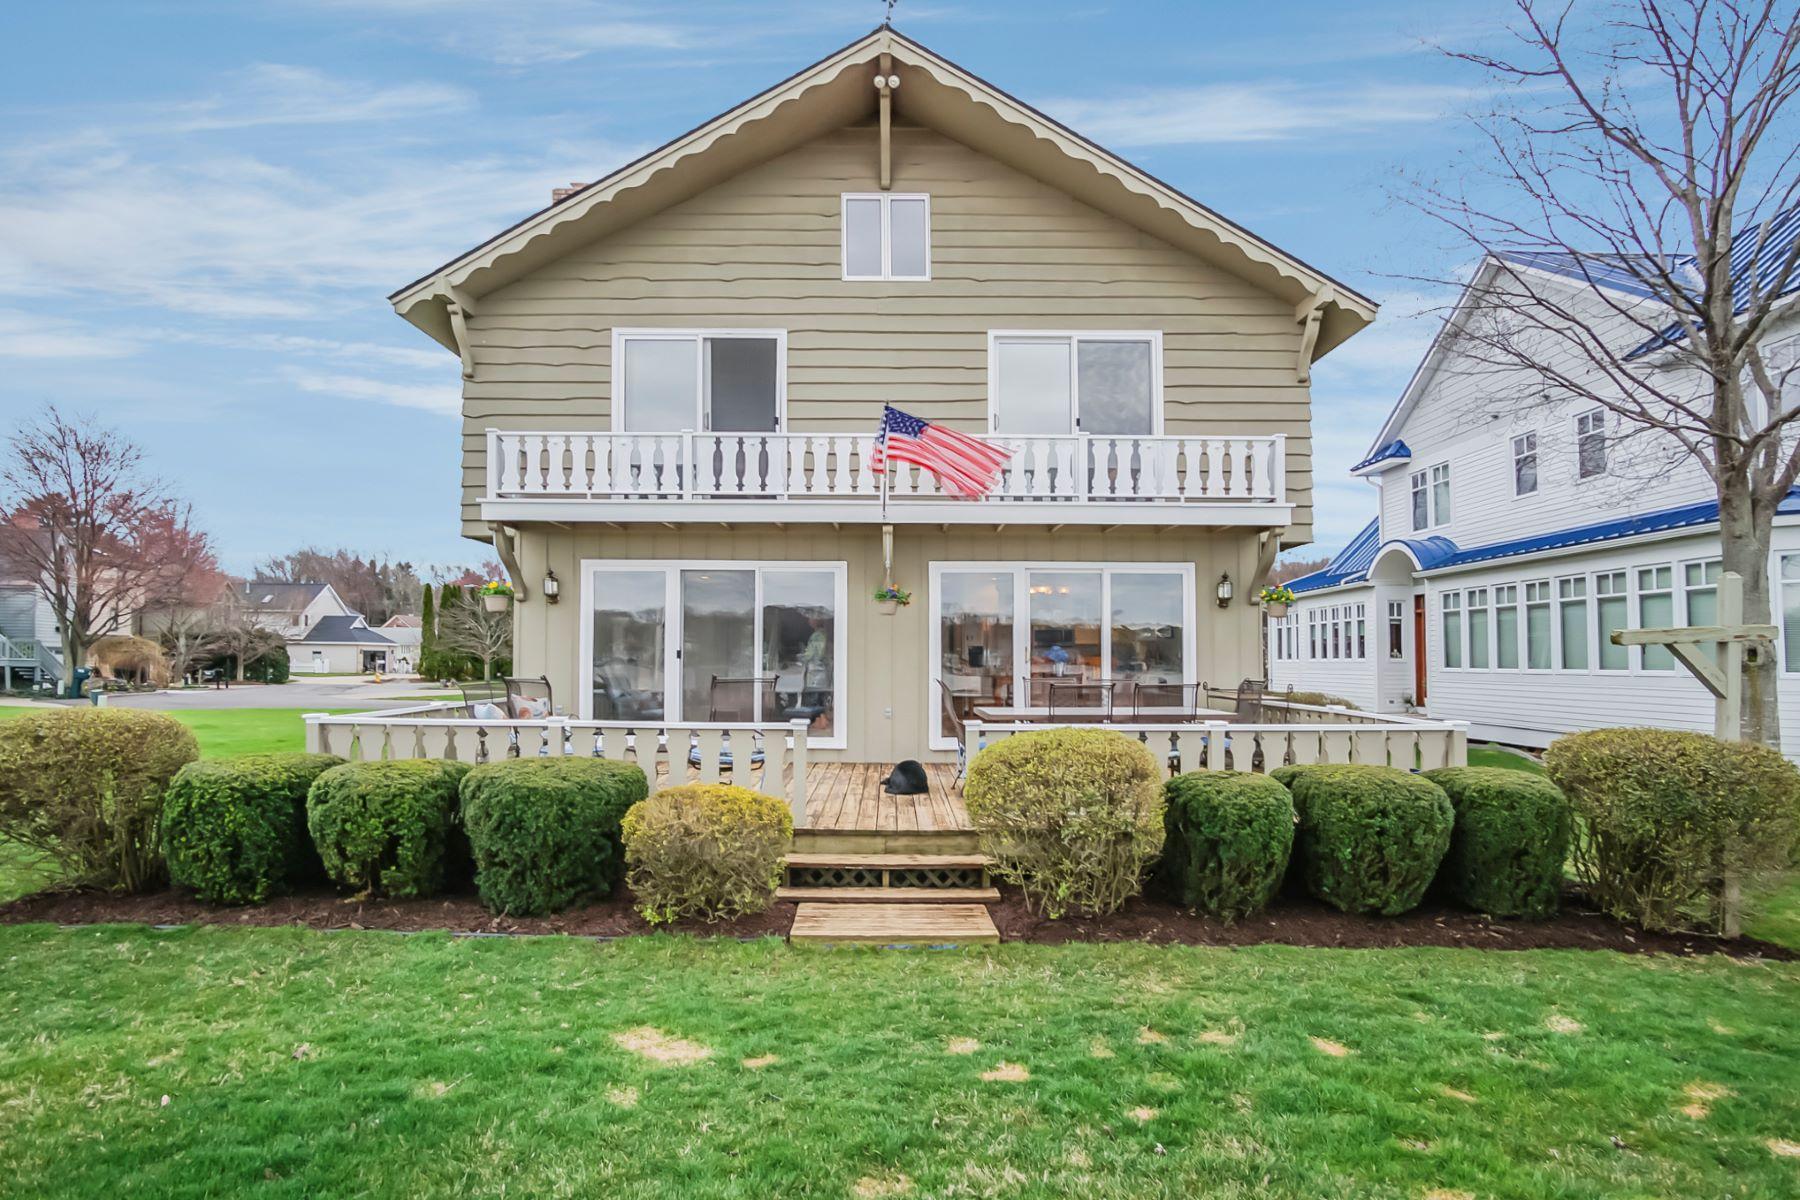 一戸建て のために 売買 アット Harmonious Lake Macatawa Residence 1335 Bayview Drive Holland, ミシガン, 49423 アメリカ合衆国